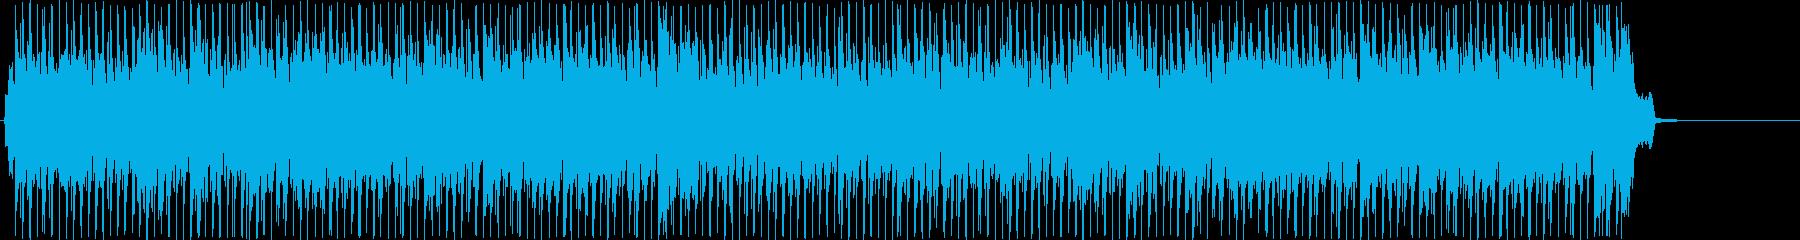 ブルーグラス的なバンジョーとフィドルの再生済みの波形